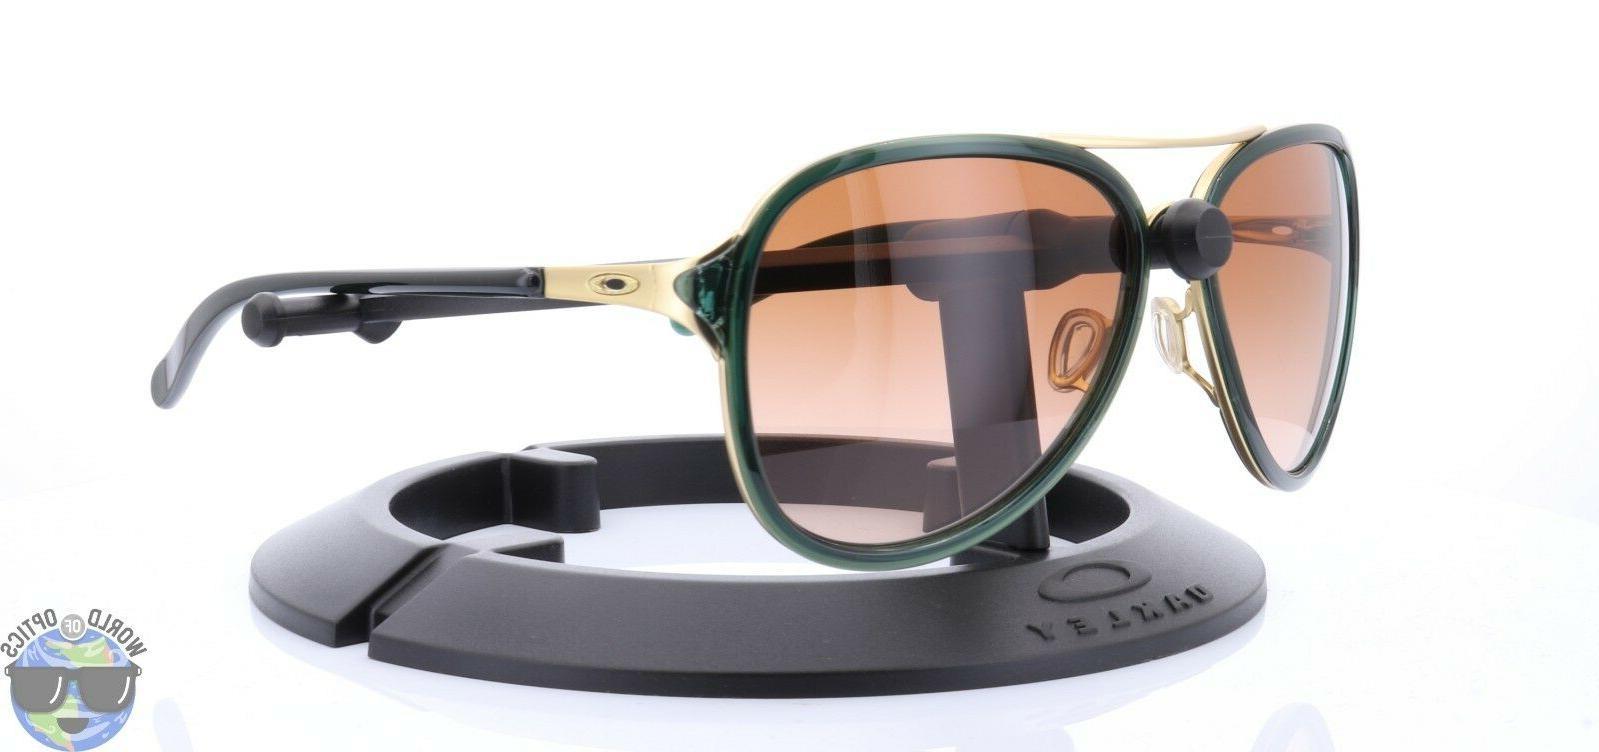 Oakley Kickback Women's Sunglasses OO4102-11 Tourmaline w/ V